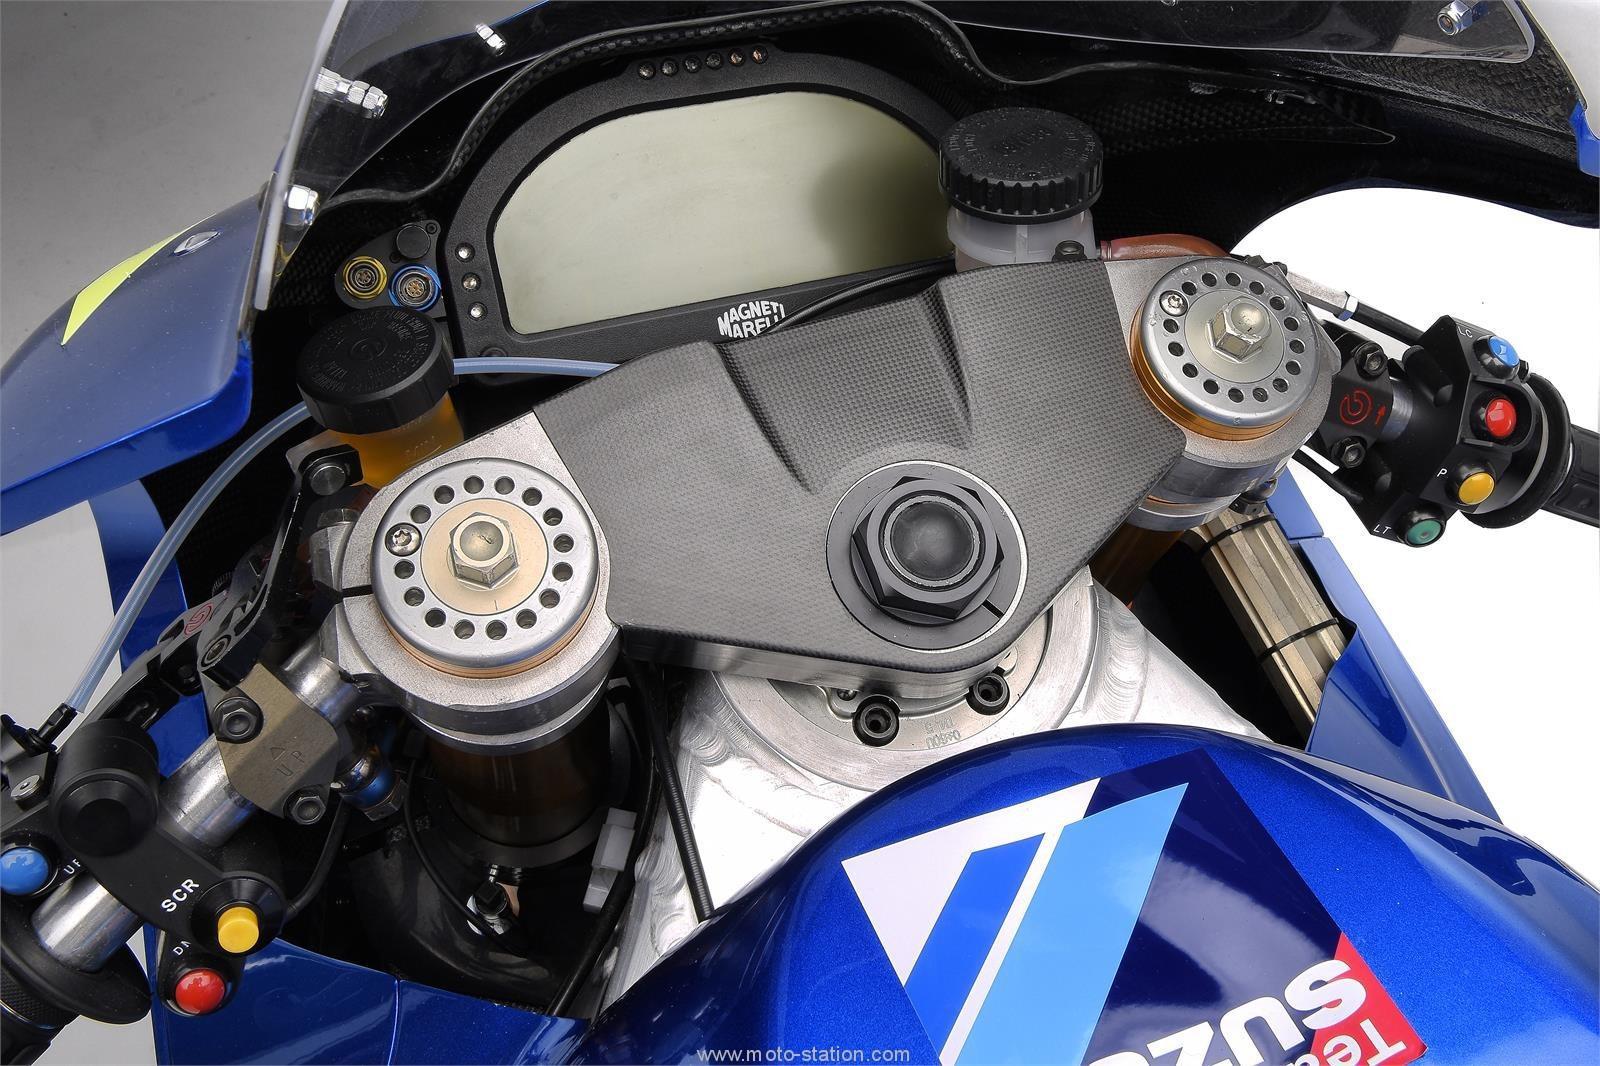 connaissez-vous-les-motos-les-plus-puissantes-368-34.jpg